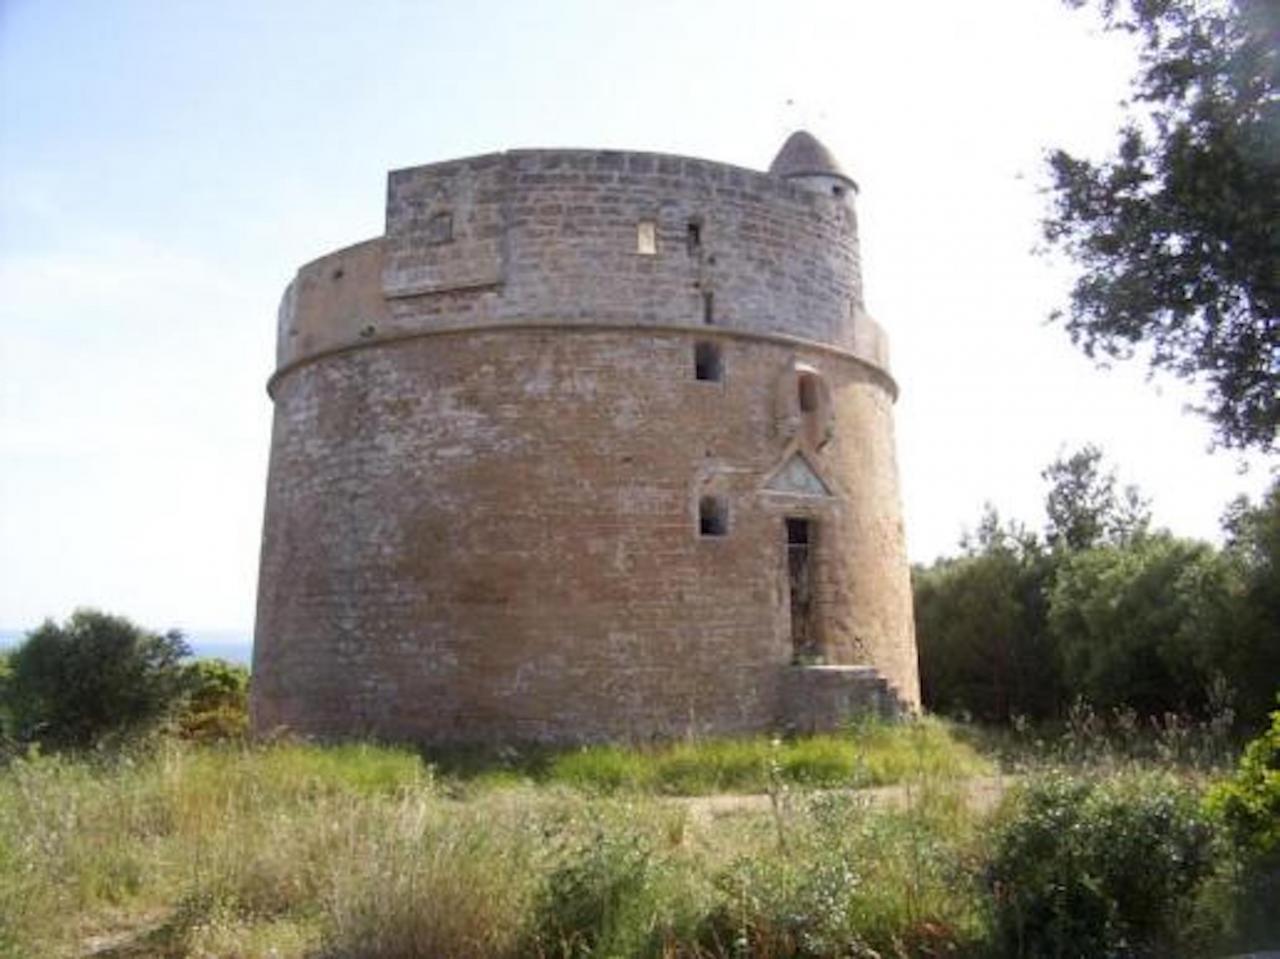 Major Tower of Calvia, Mallorca.